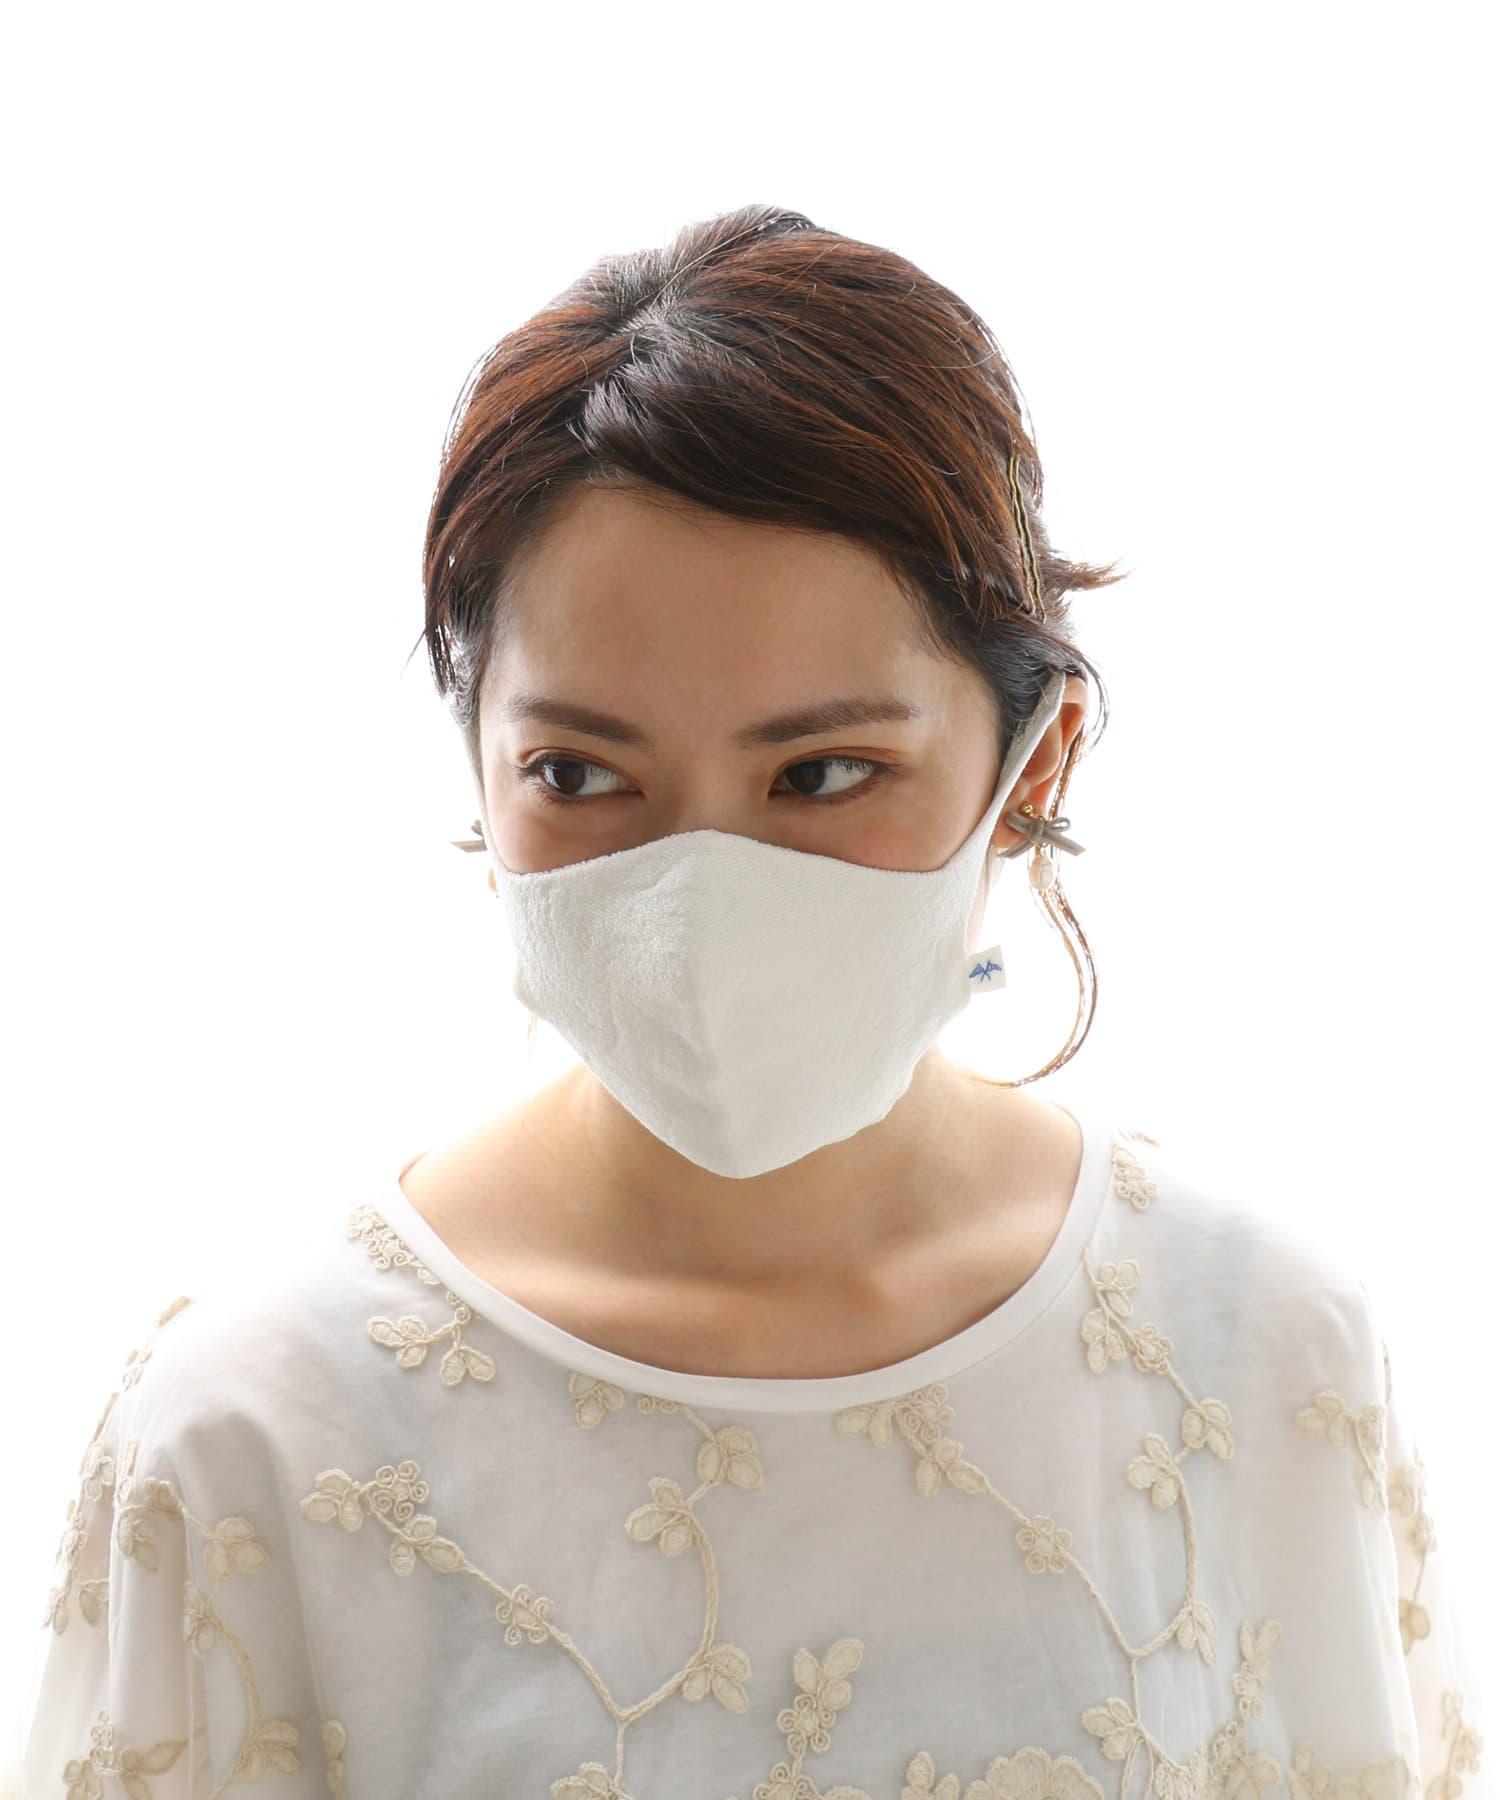 pual ce cin(ピュアルセシン) レディース JAPAN MADE シームレス和紙マスク オフホワイト